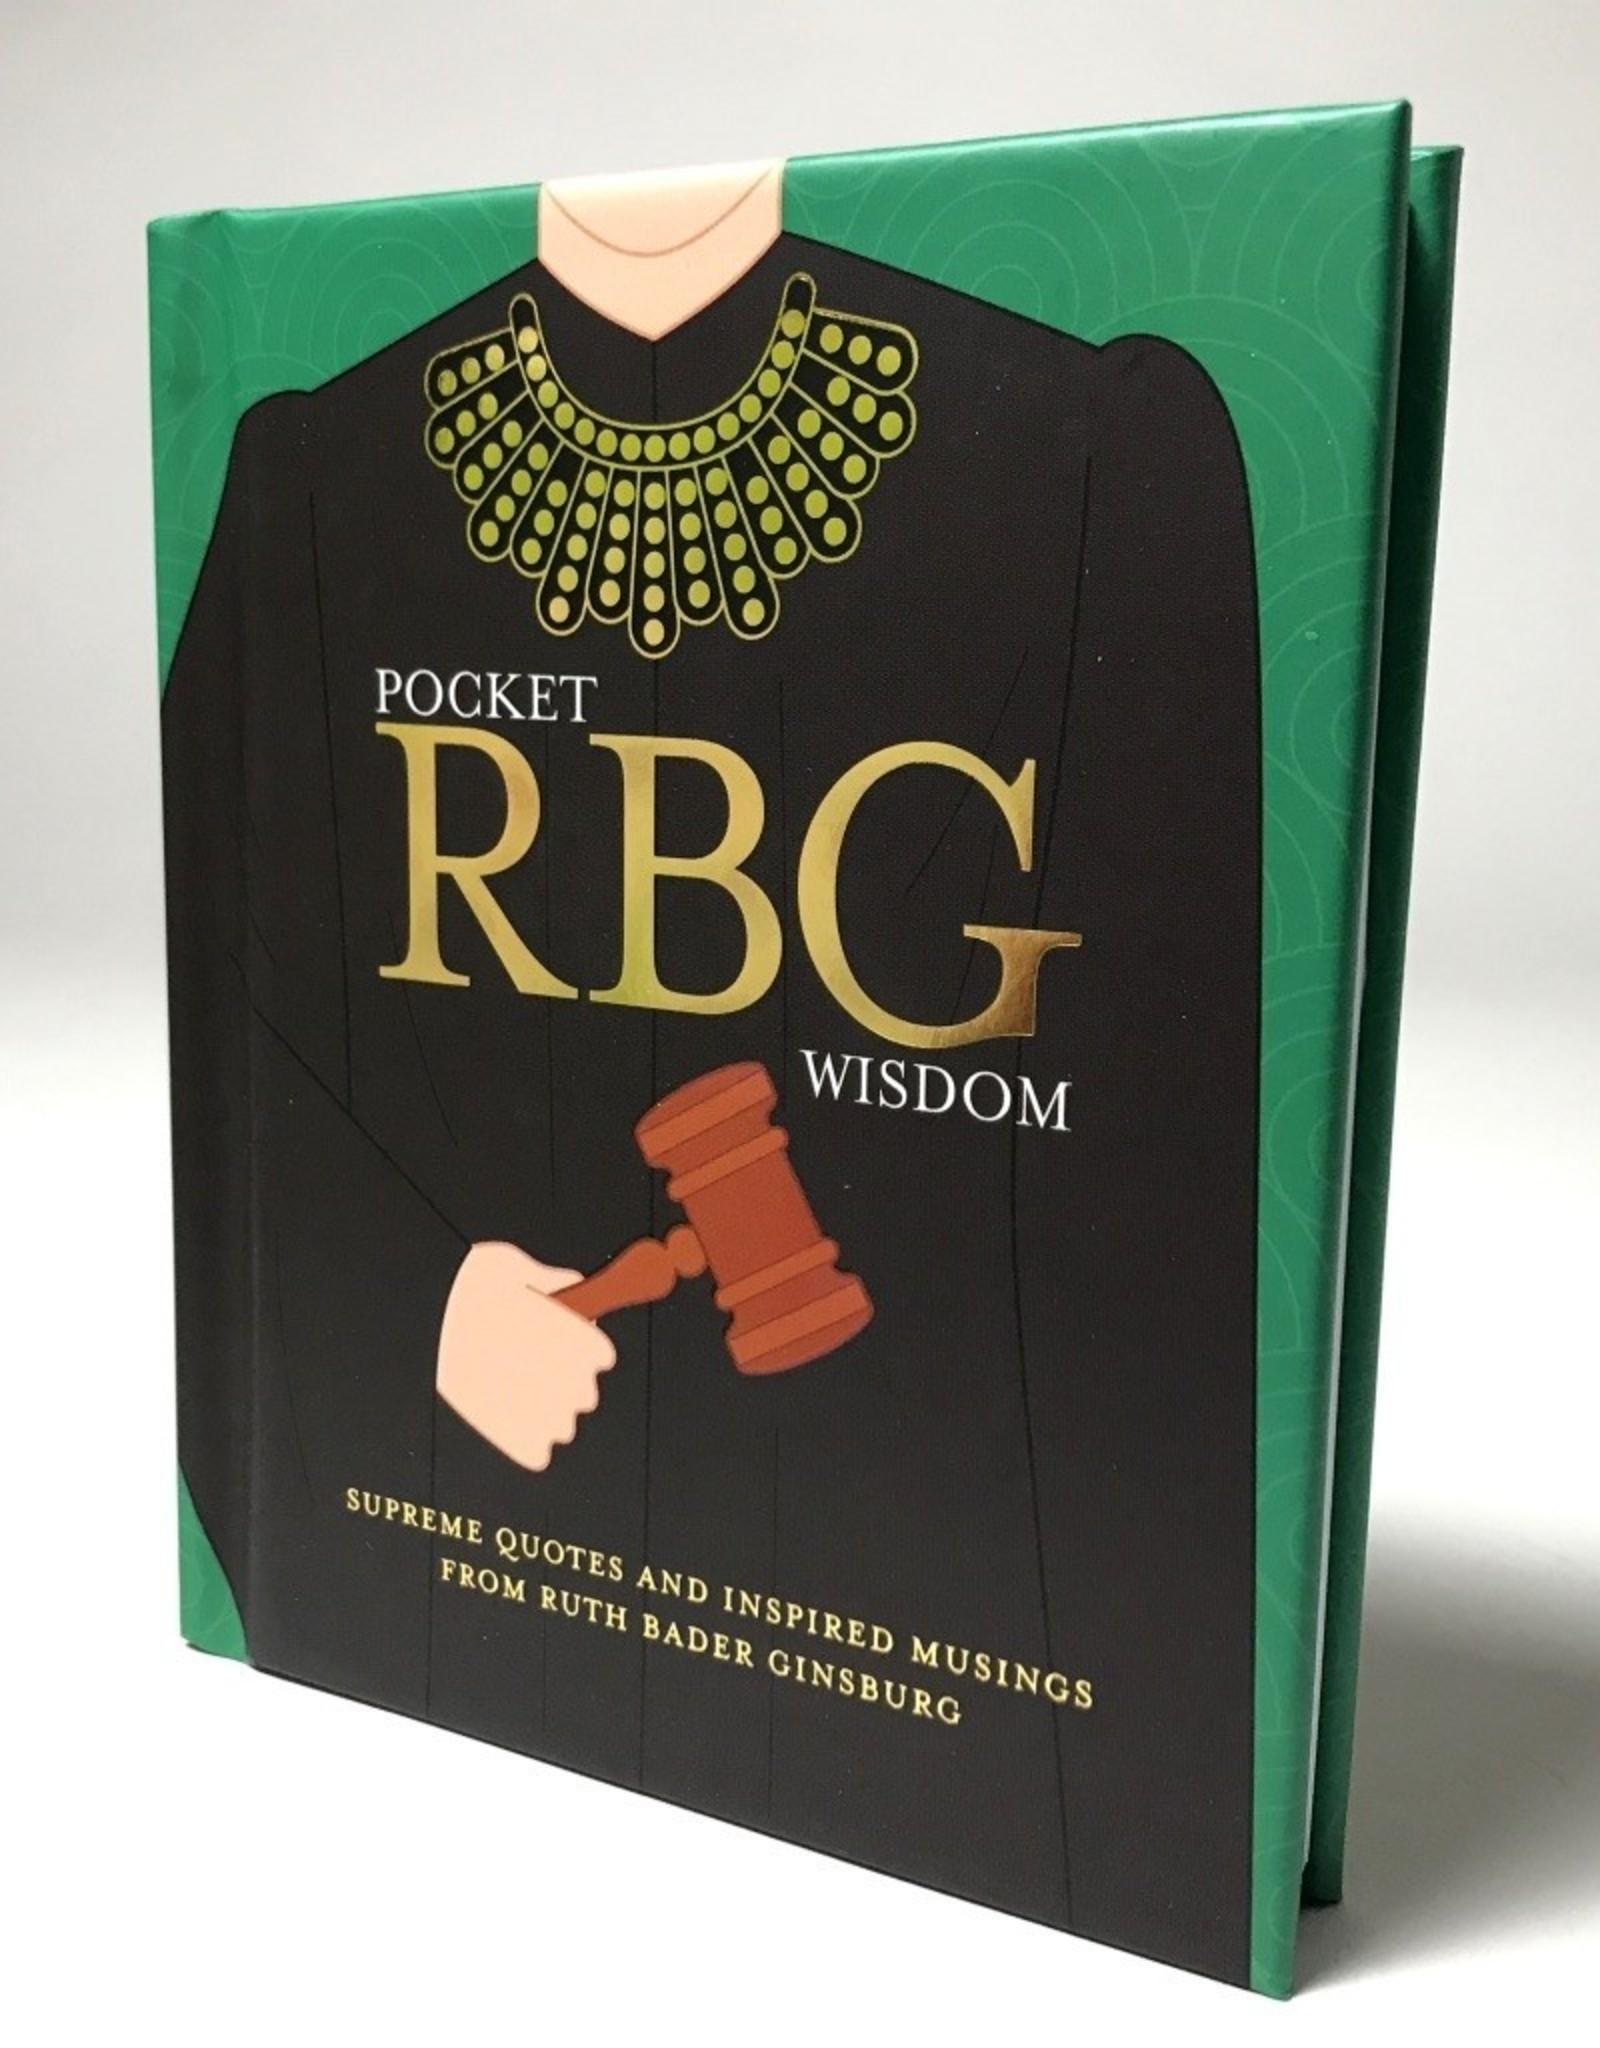 Pocket RBG Wisdom